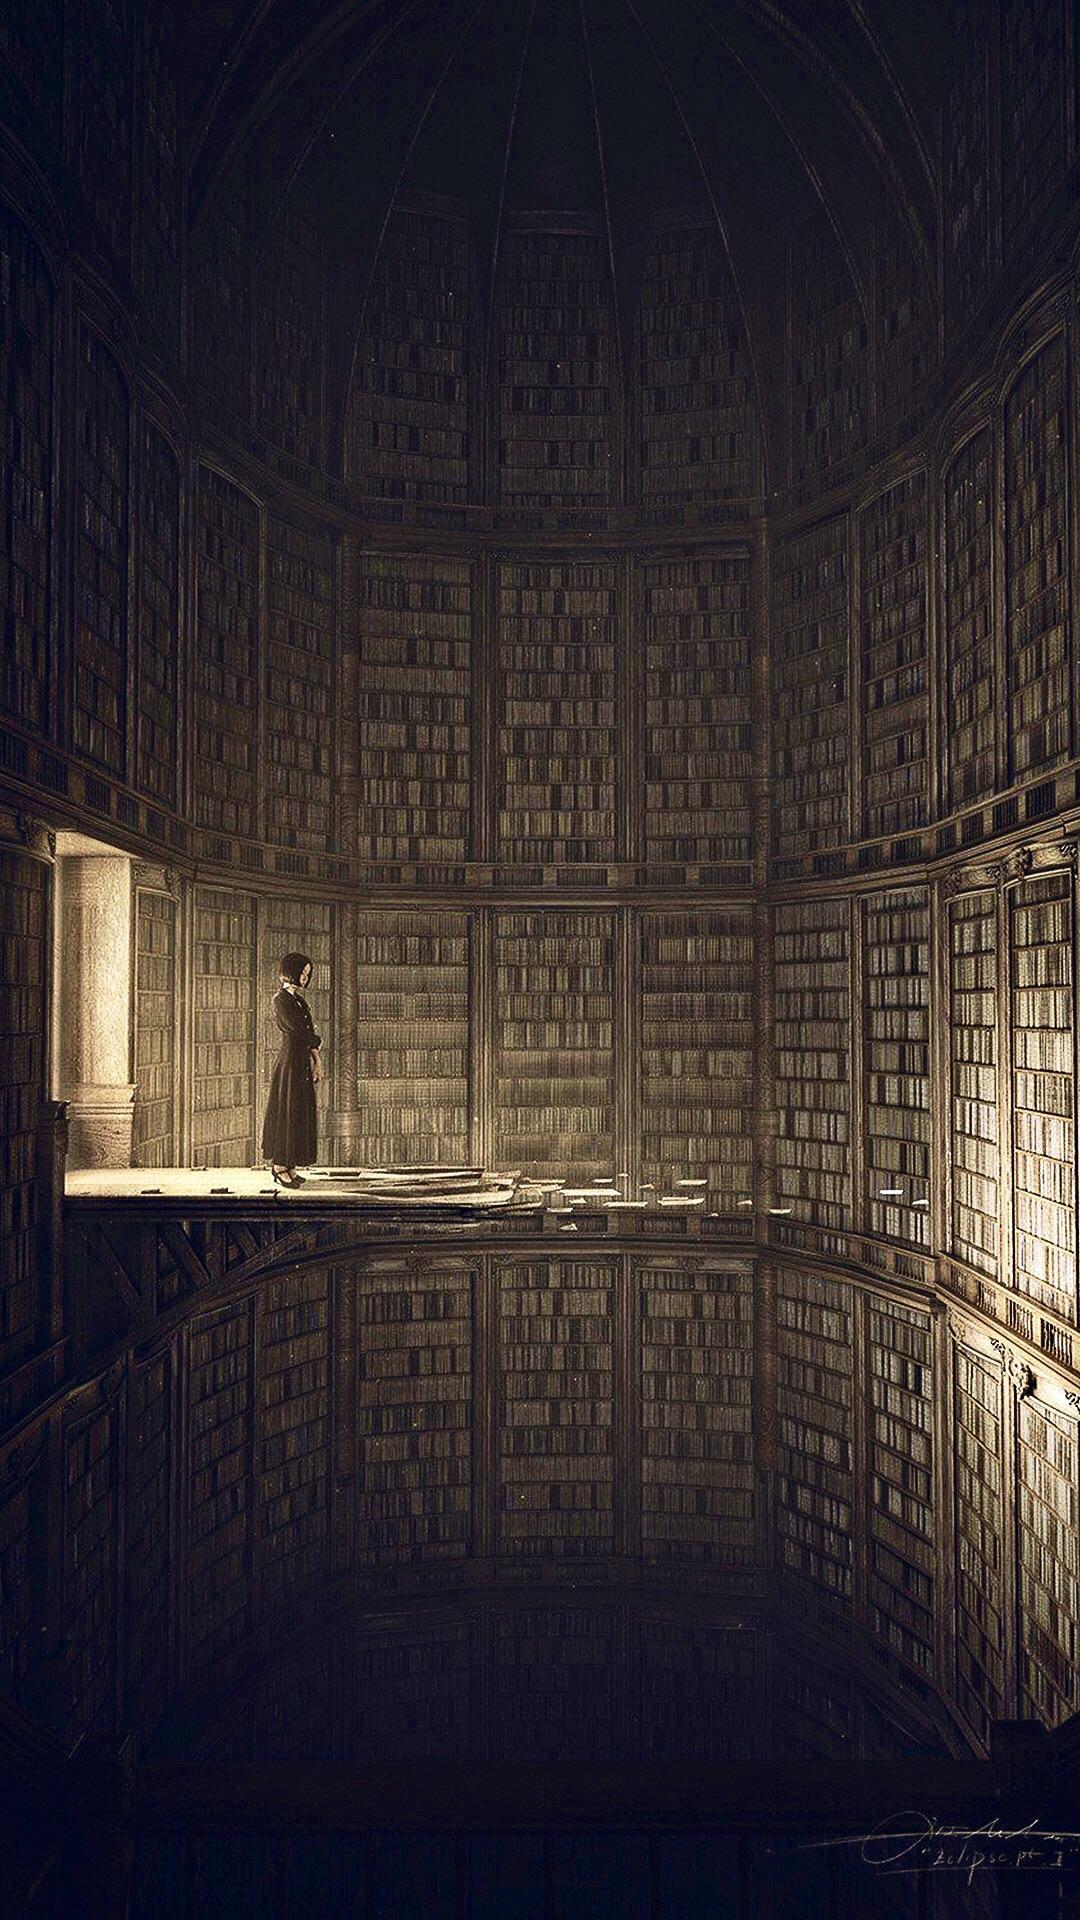 Тёмная комната книги библиотека